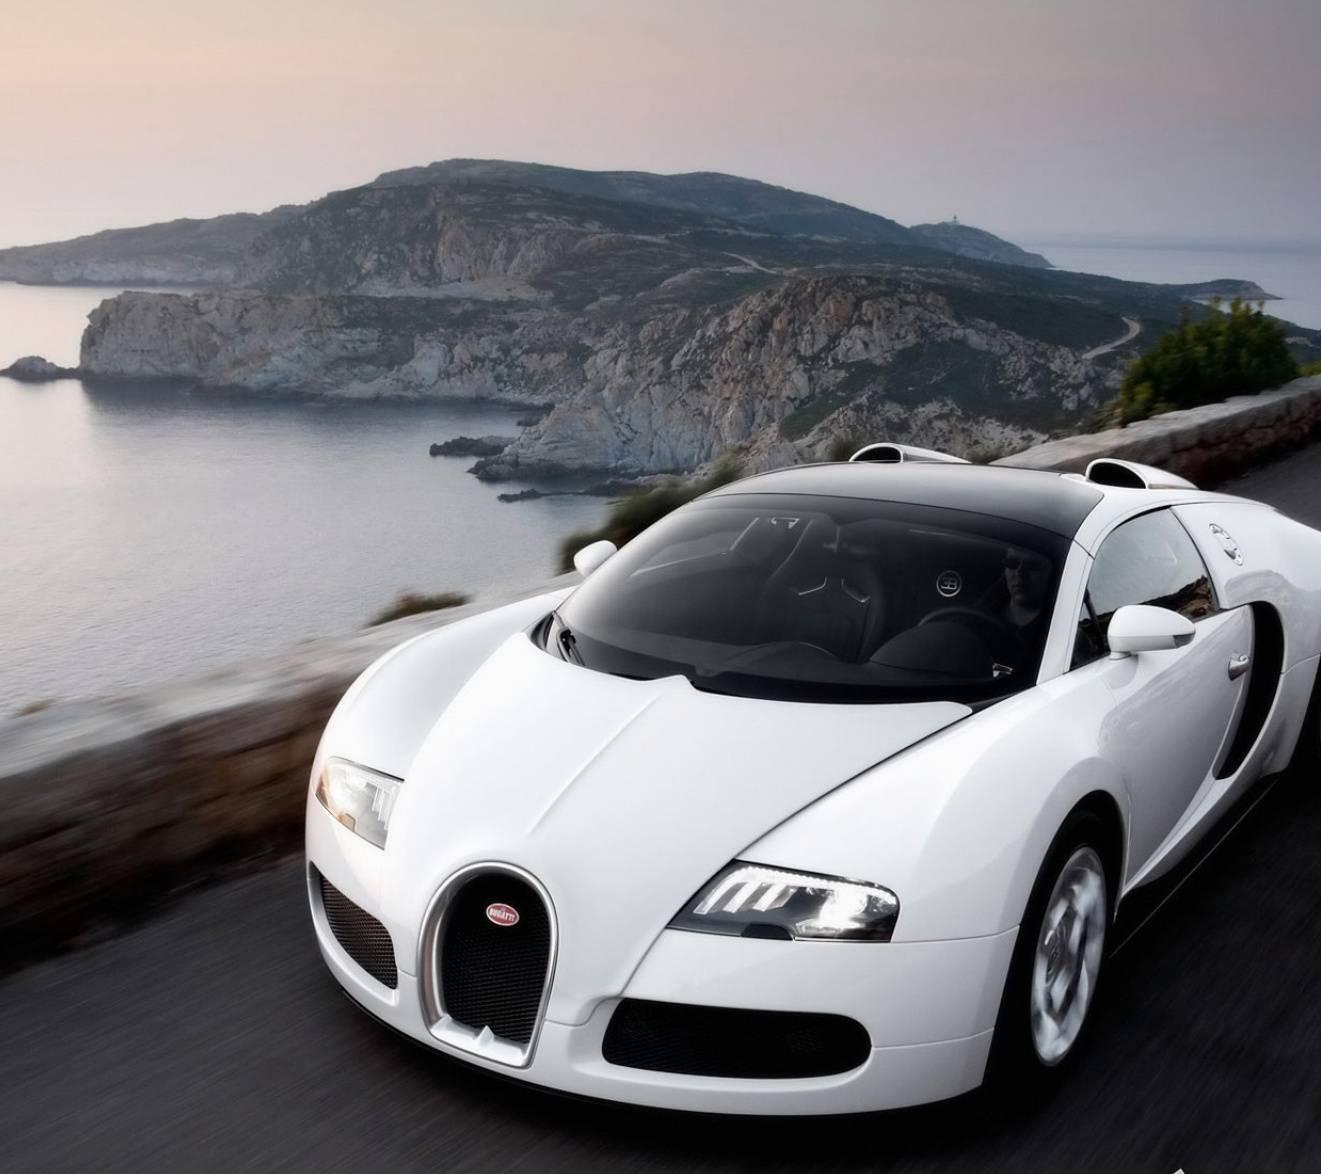 Bugatti Veyron-white